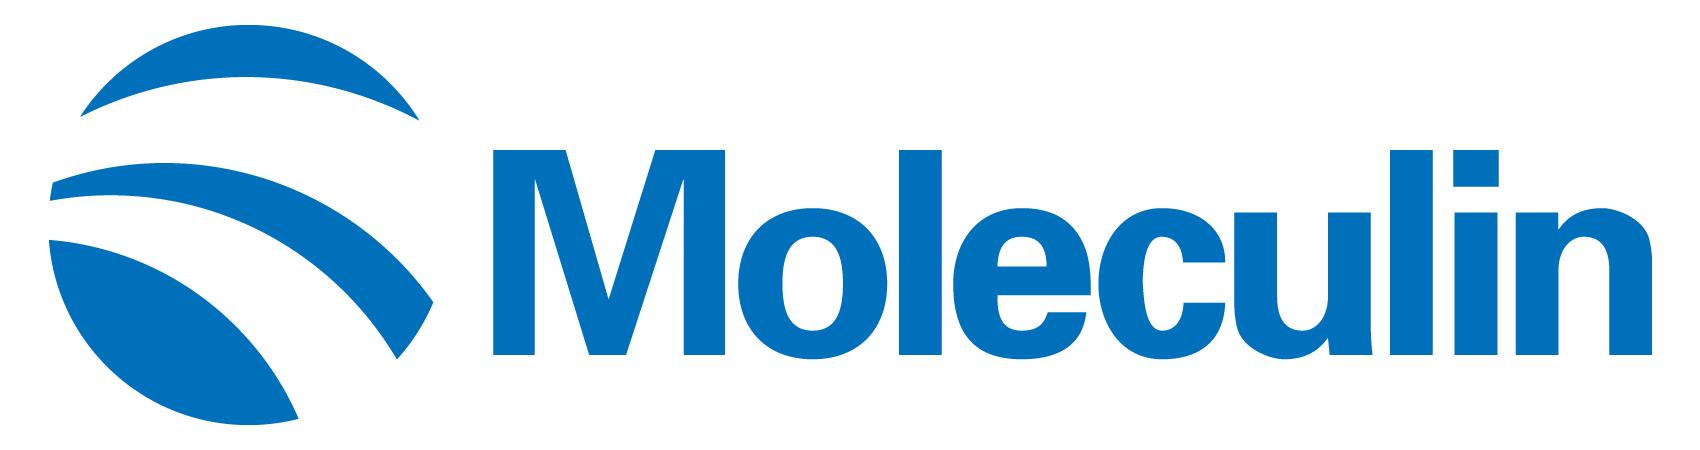 MOLECULIN-LOGO_HORIZA34.JPG